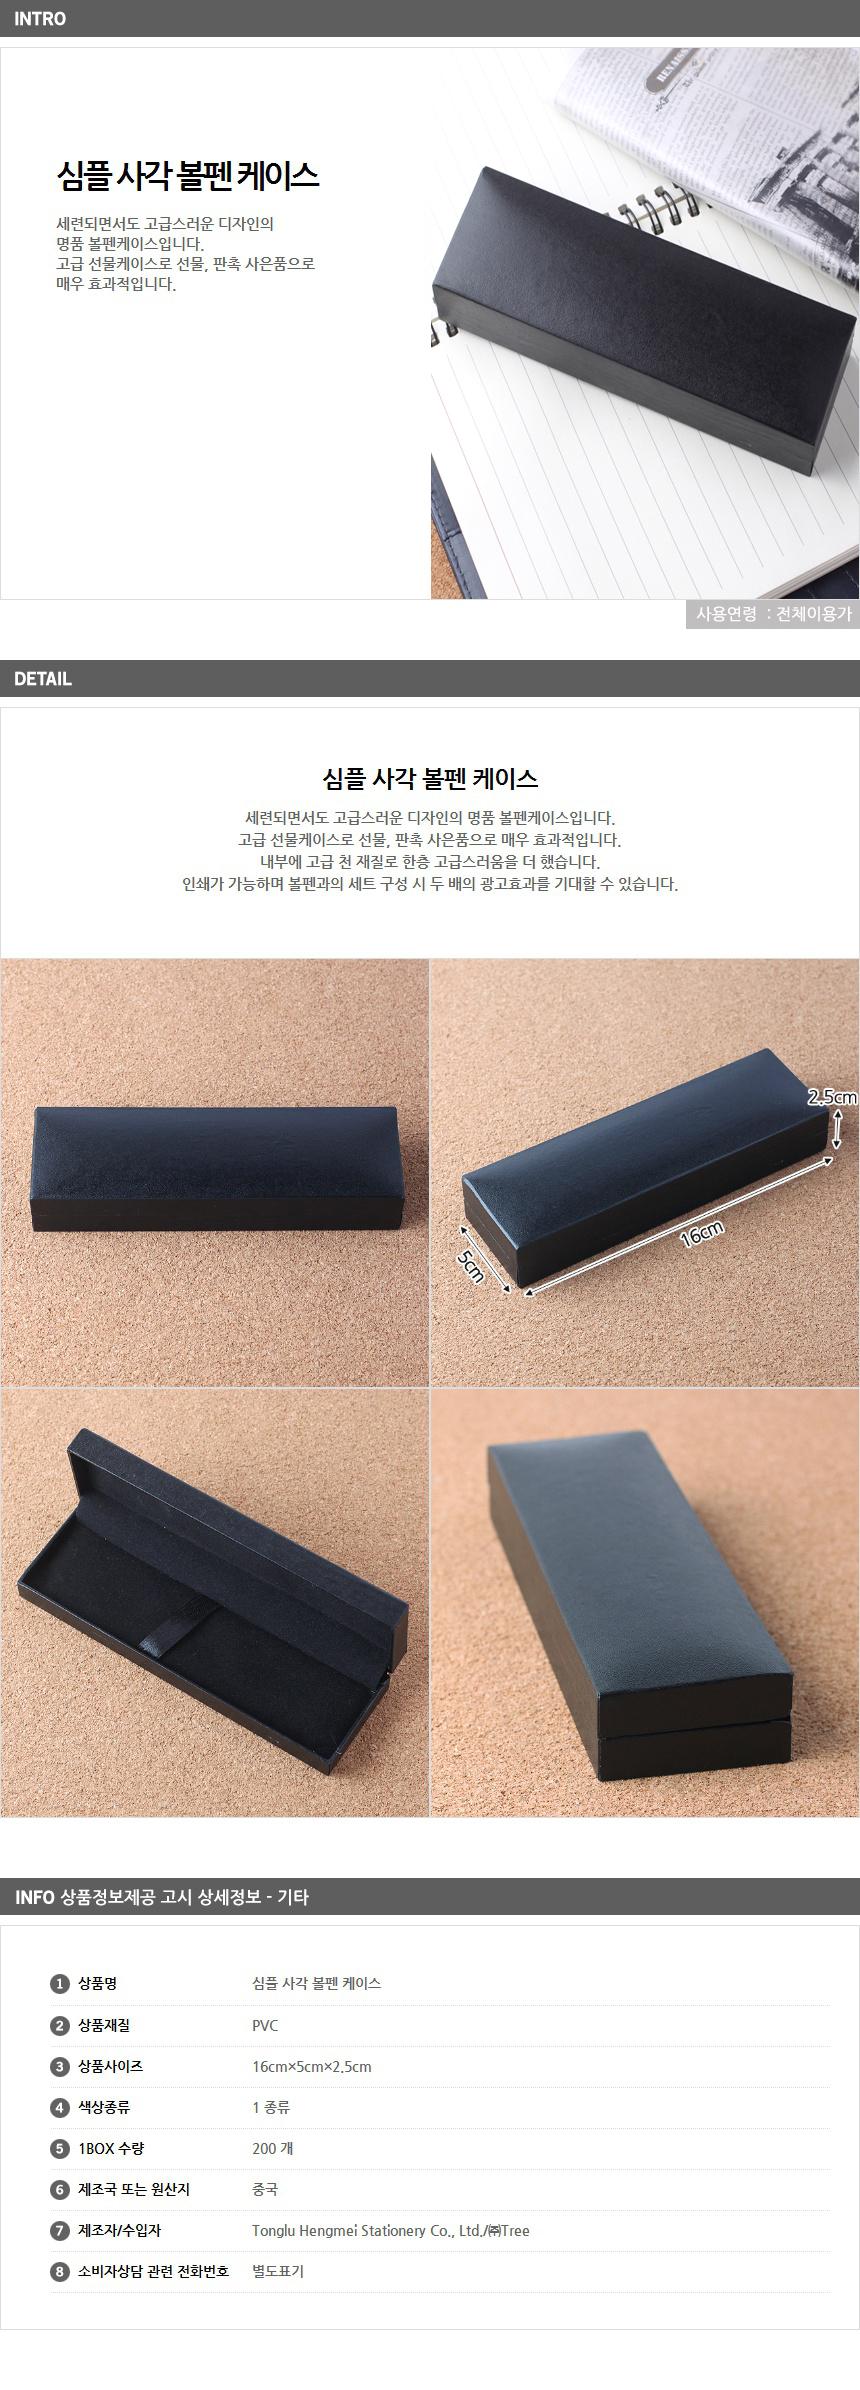 심플 사각 볼펜 케이스 - 기프트갓, 1,580원, 상자/케이스, 심플